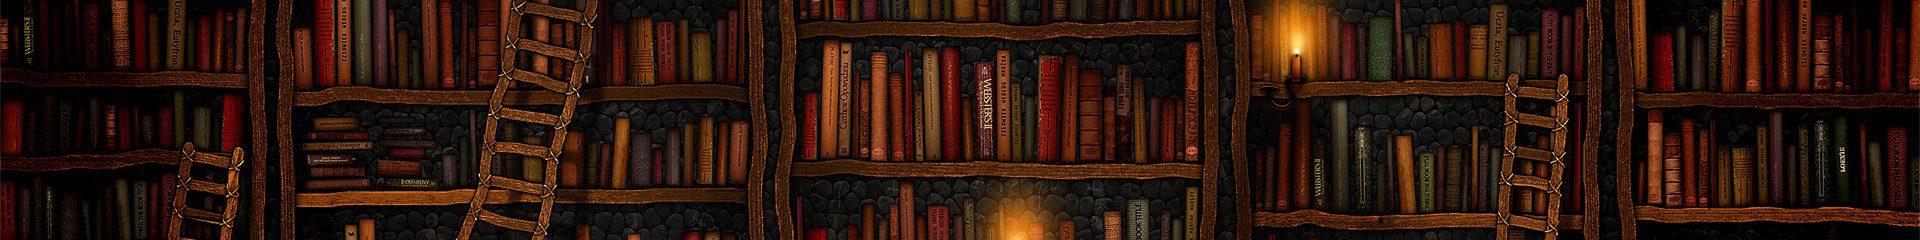 banner image marginAuto